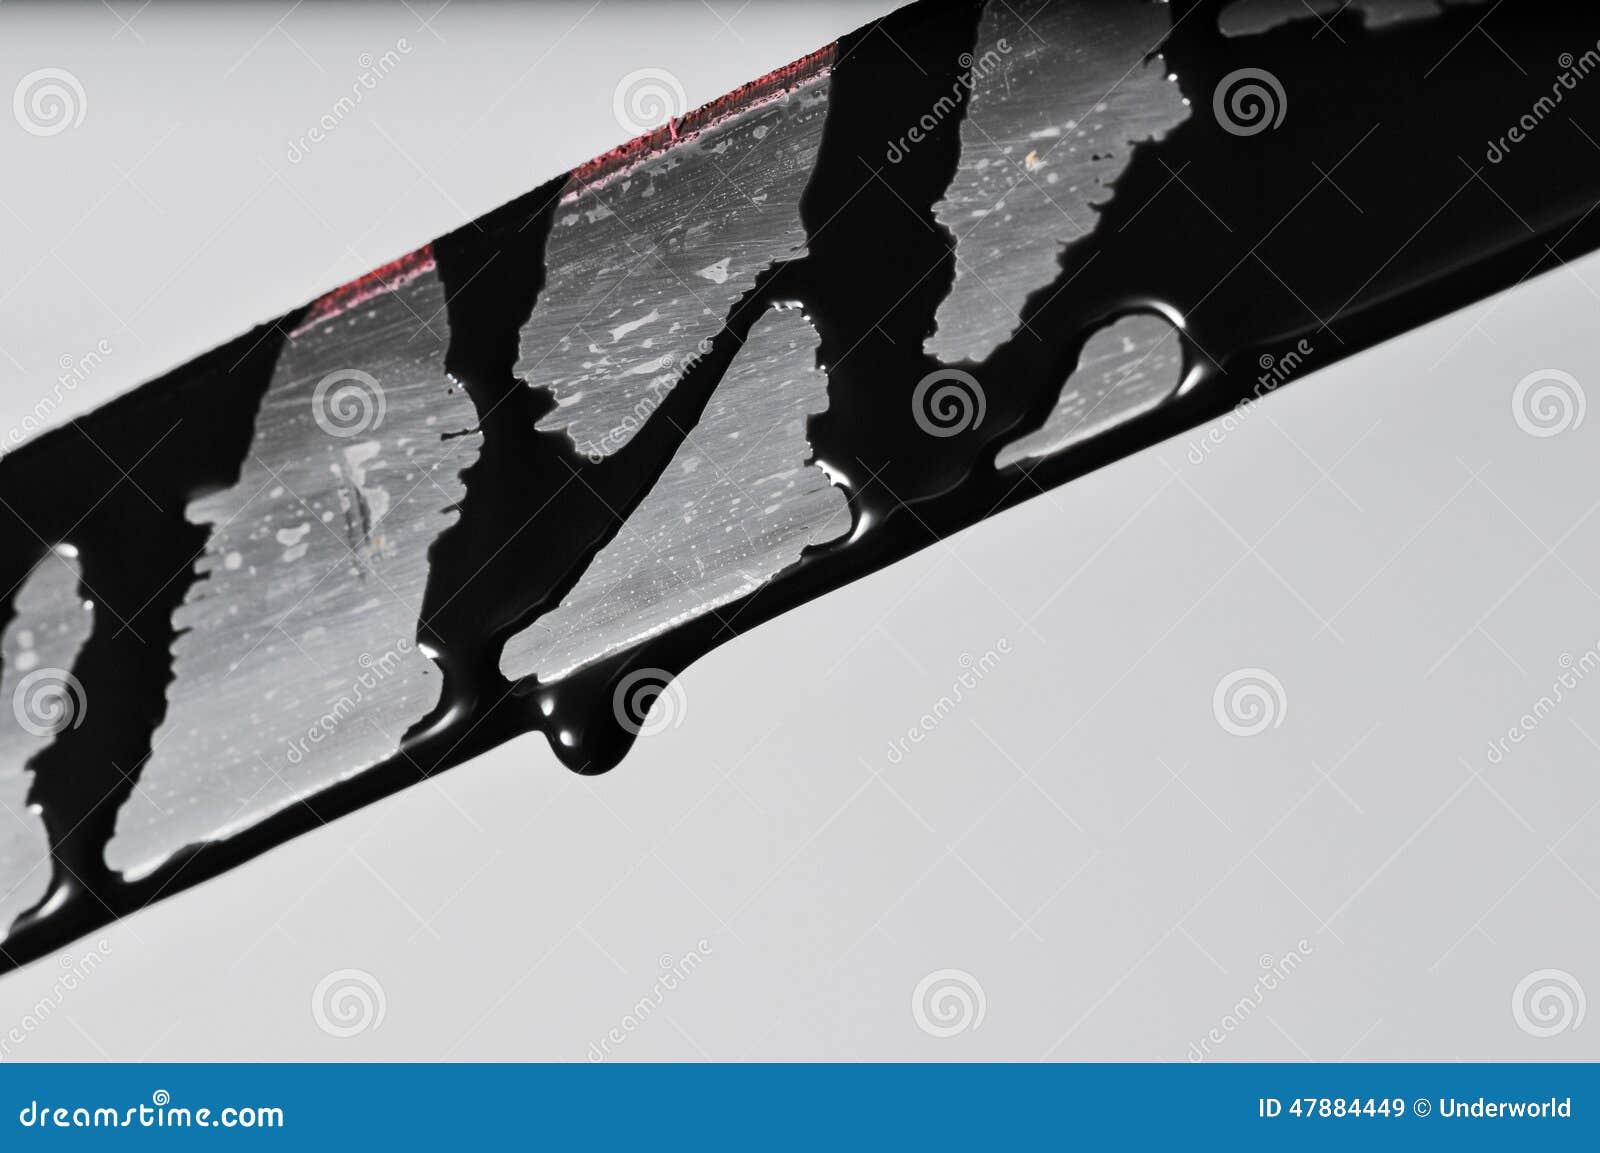 Scherp Katana Sword Blade